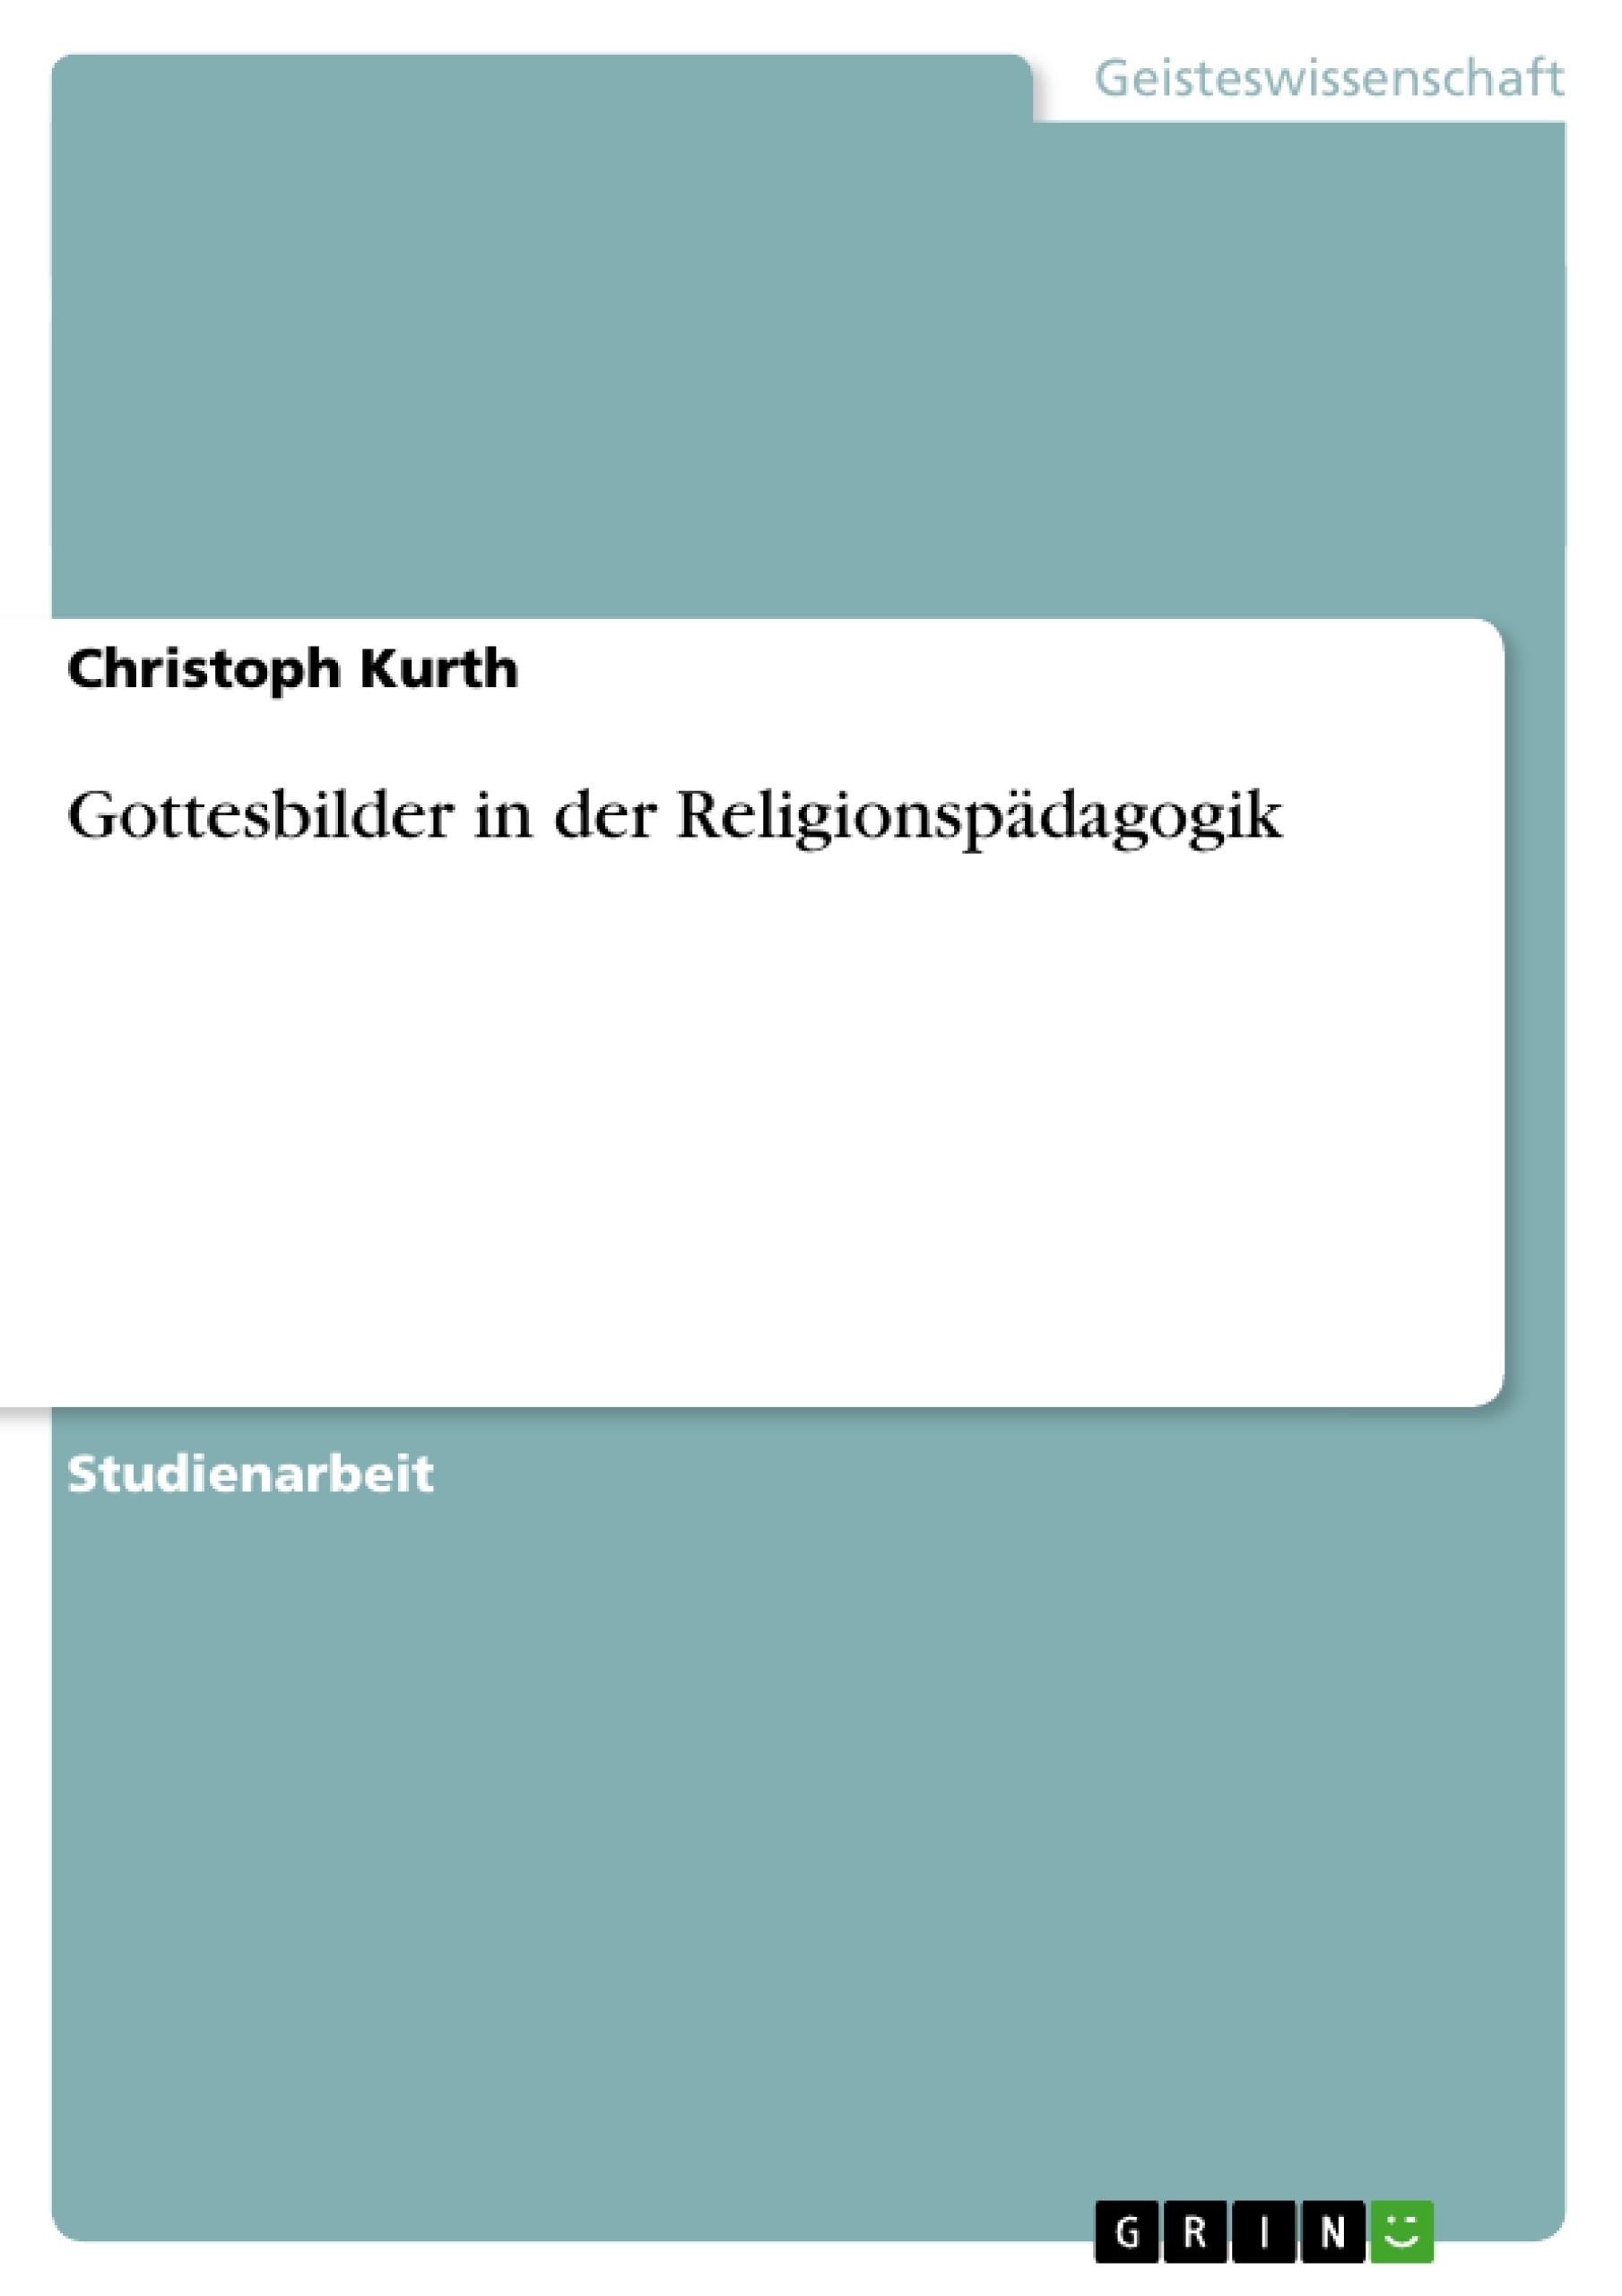 Titel: Gottesbilder in der Religionspädagogik